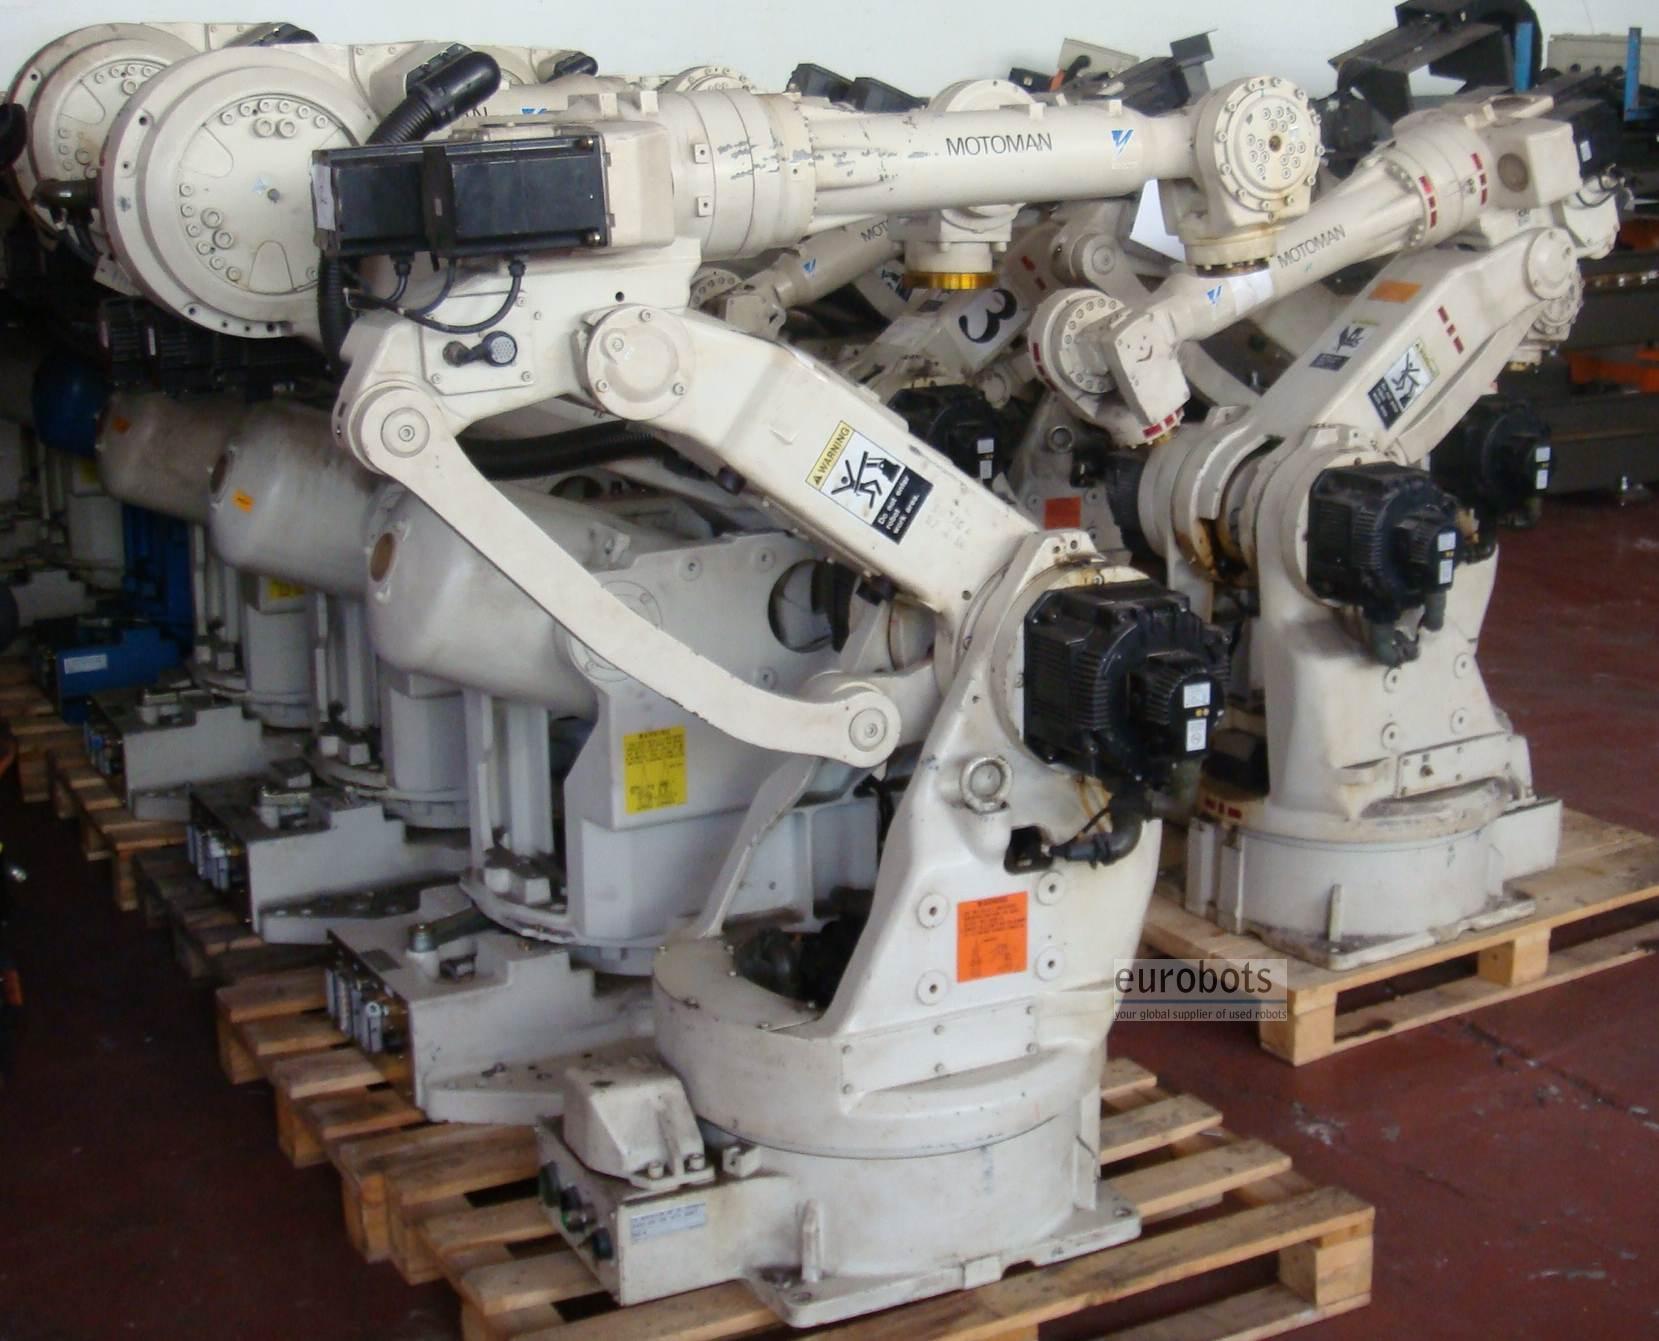 Motoman Sk45 Eurobots